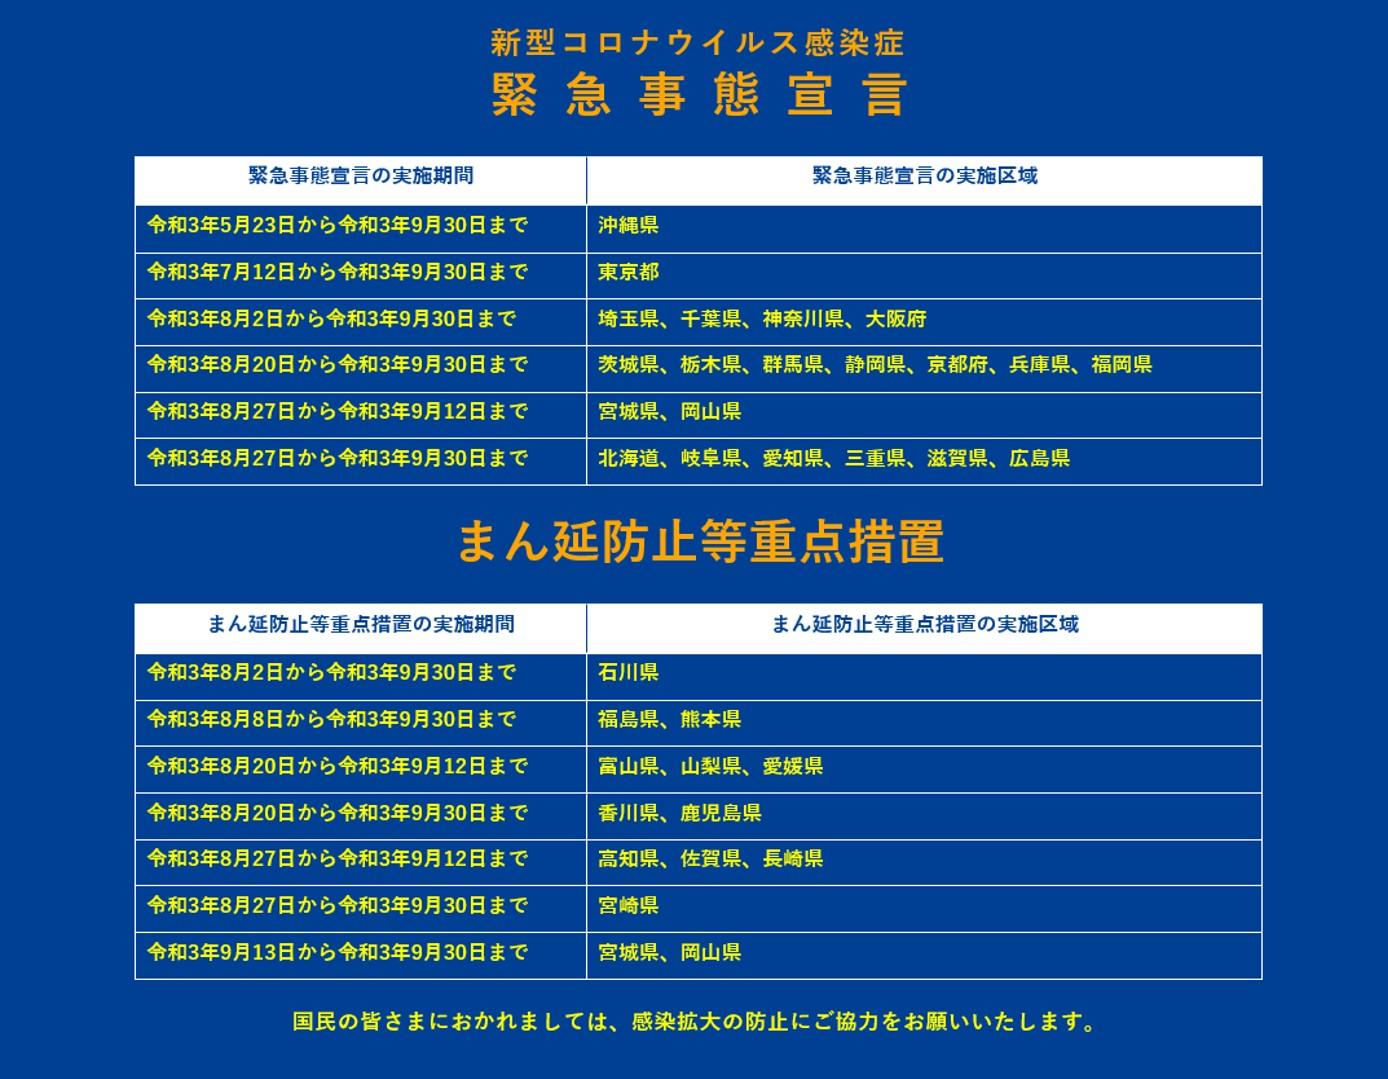 東京和大阪在內的19個都道府縣的緊急事態宣言延長至本月底。19個行政區包含:北海道、茨城、栃木、群馬、埼玉、千葉、東京、神奈川、岐阜、靜岡、愛知、三重、滋賀、京都、大阪、兵庫、廣島、福岡、沖繩這19個都道府縣。